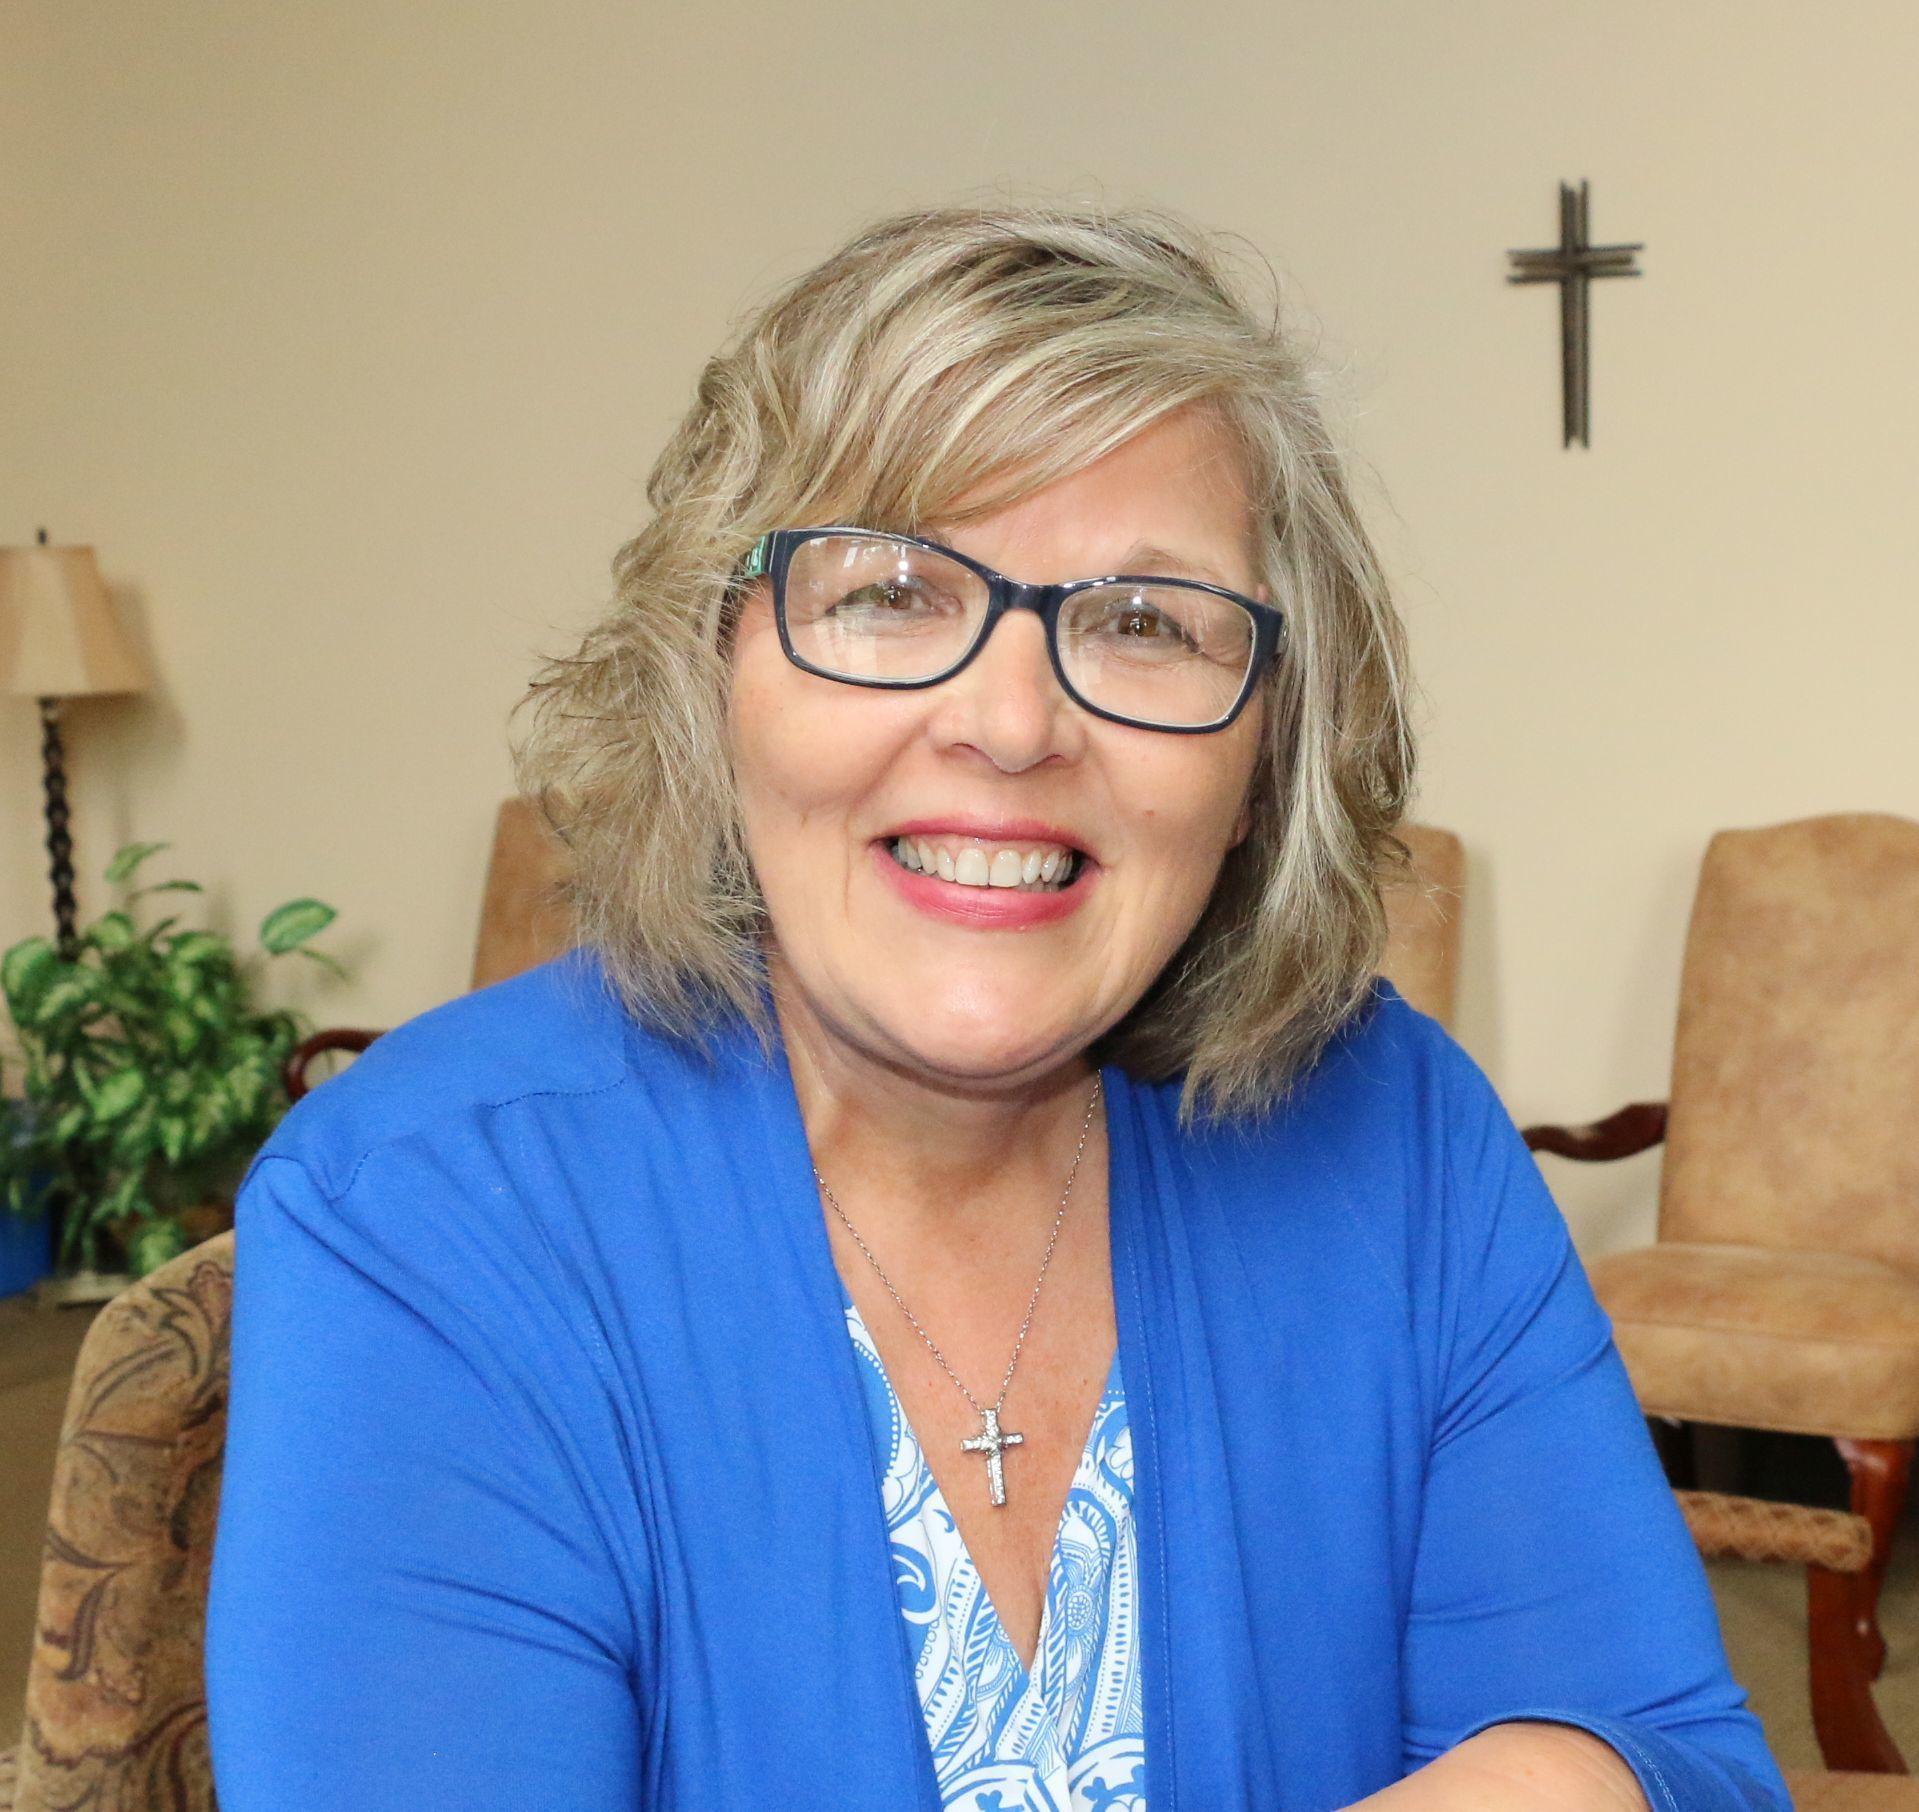 Ms. Ann Badach